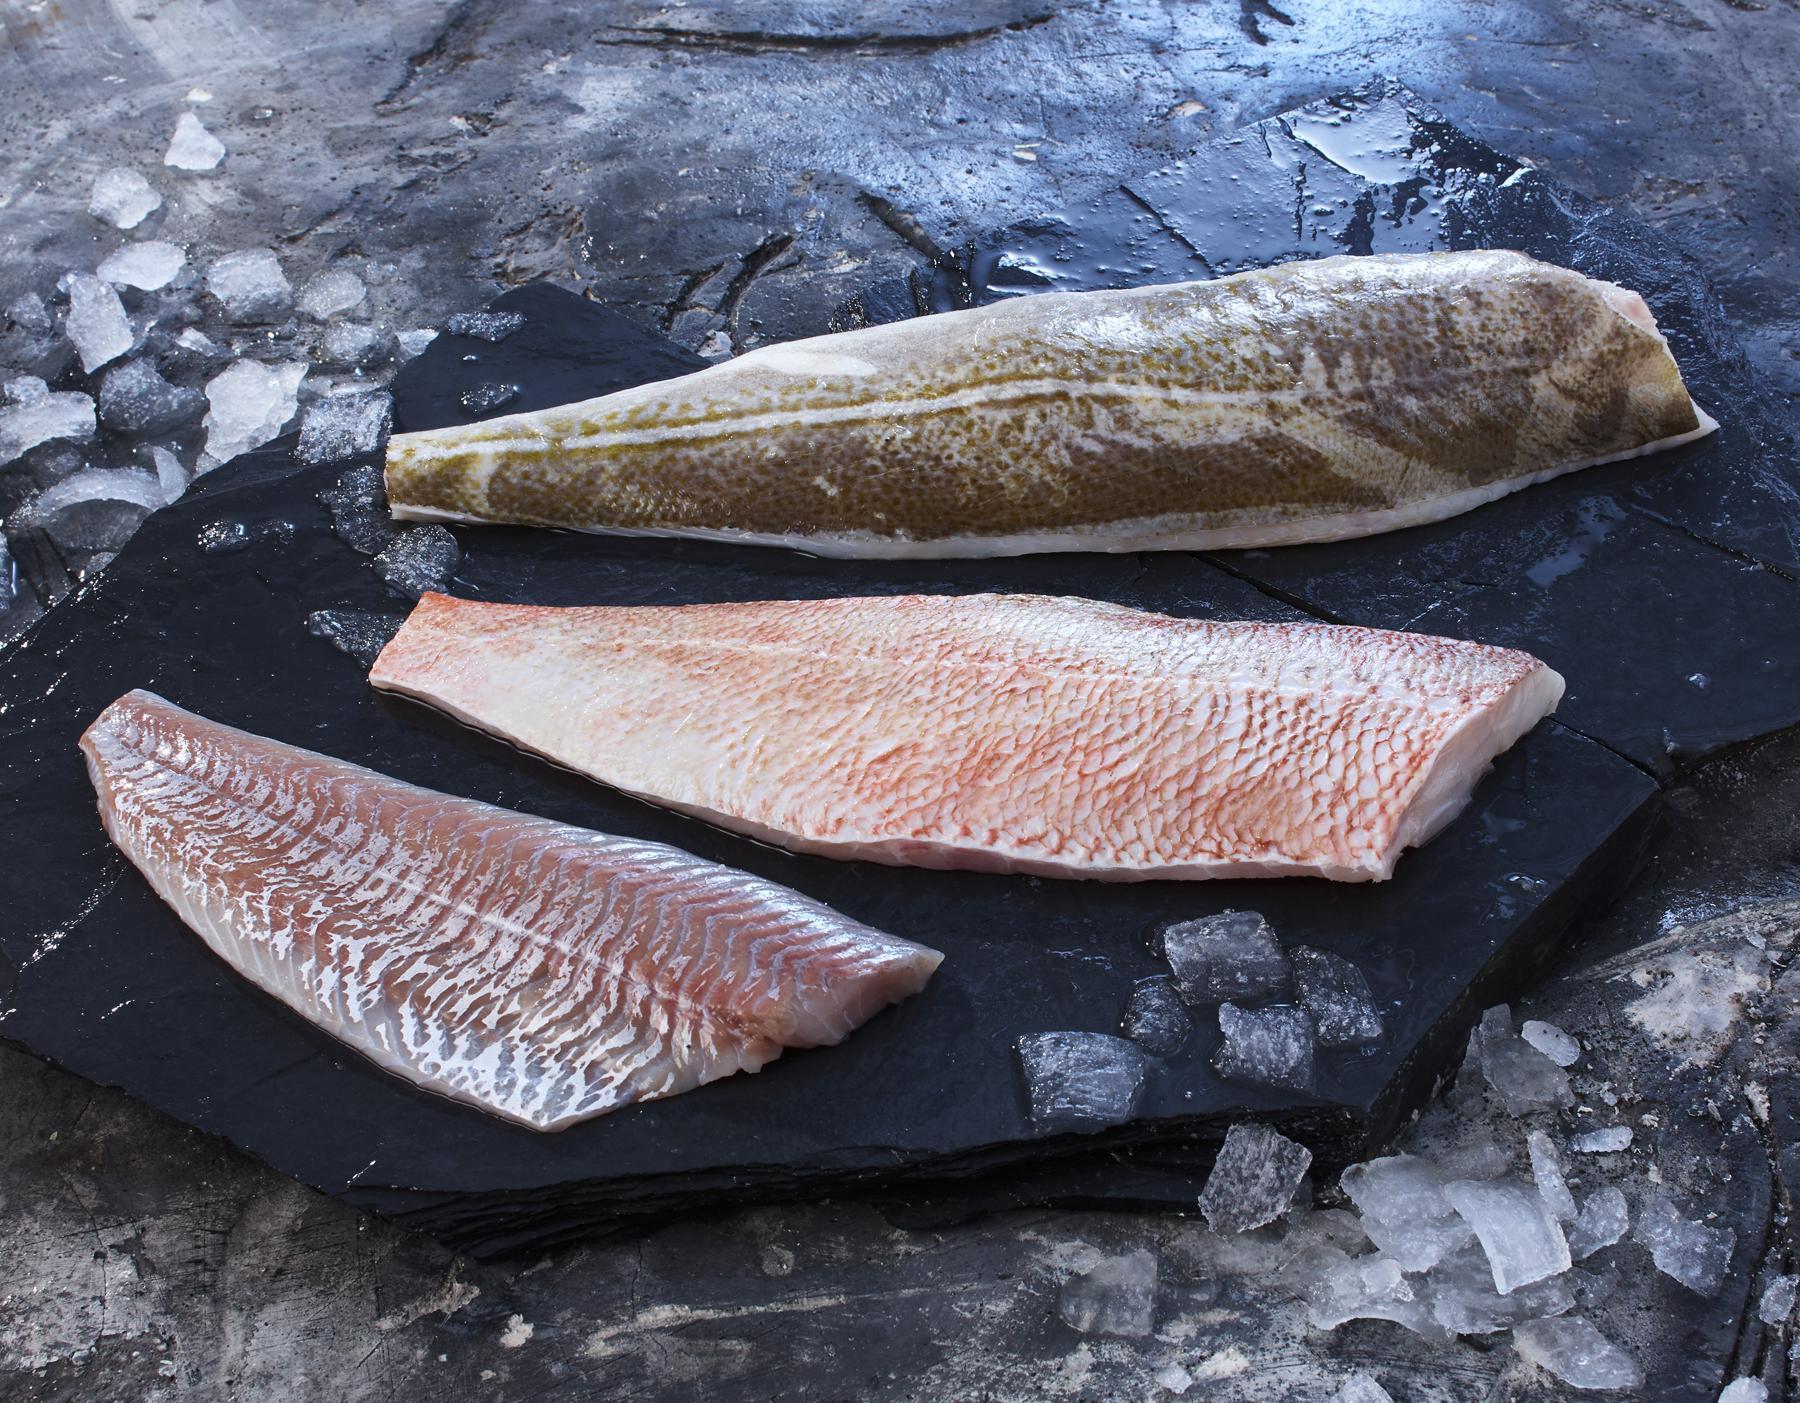 Deutsche See auf der fish international